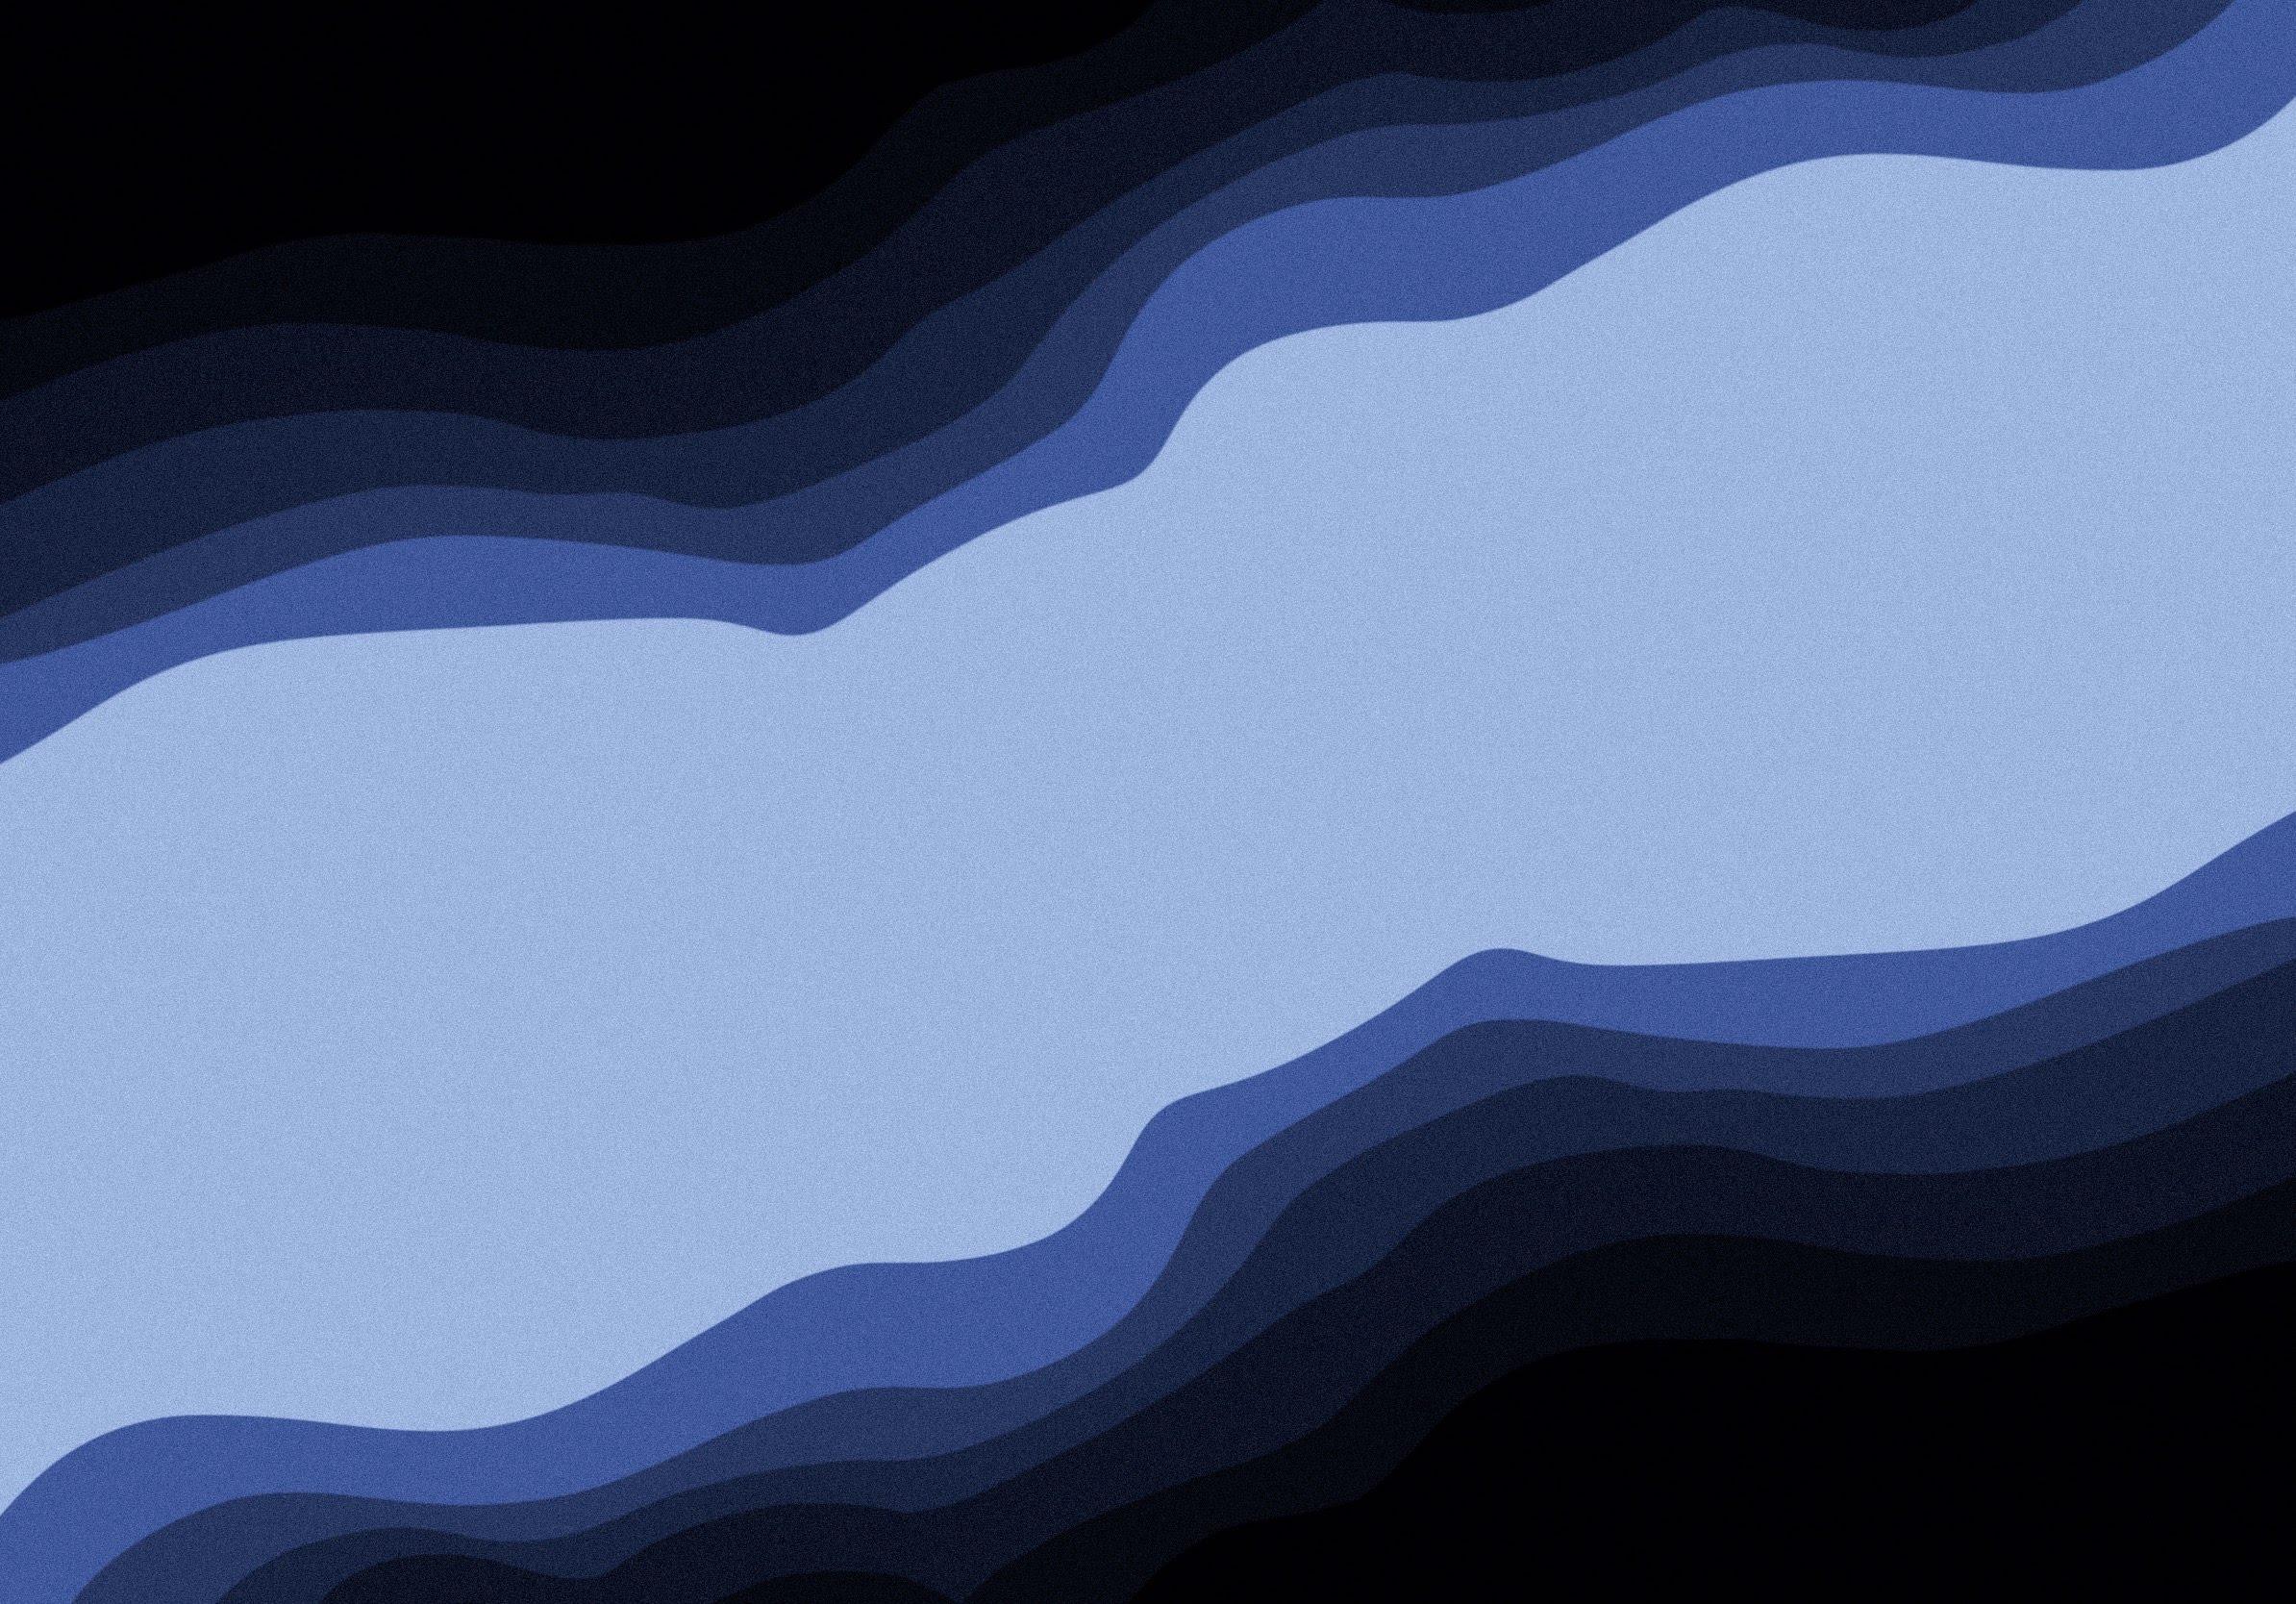 Minimal_Wave_iPad_wallpapers_rmrdnl.jpg